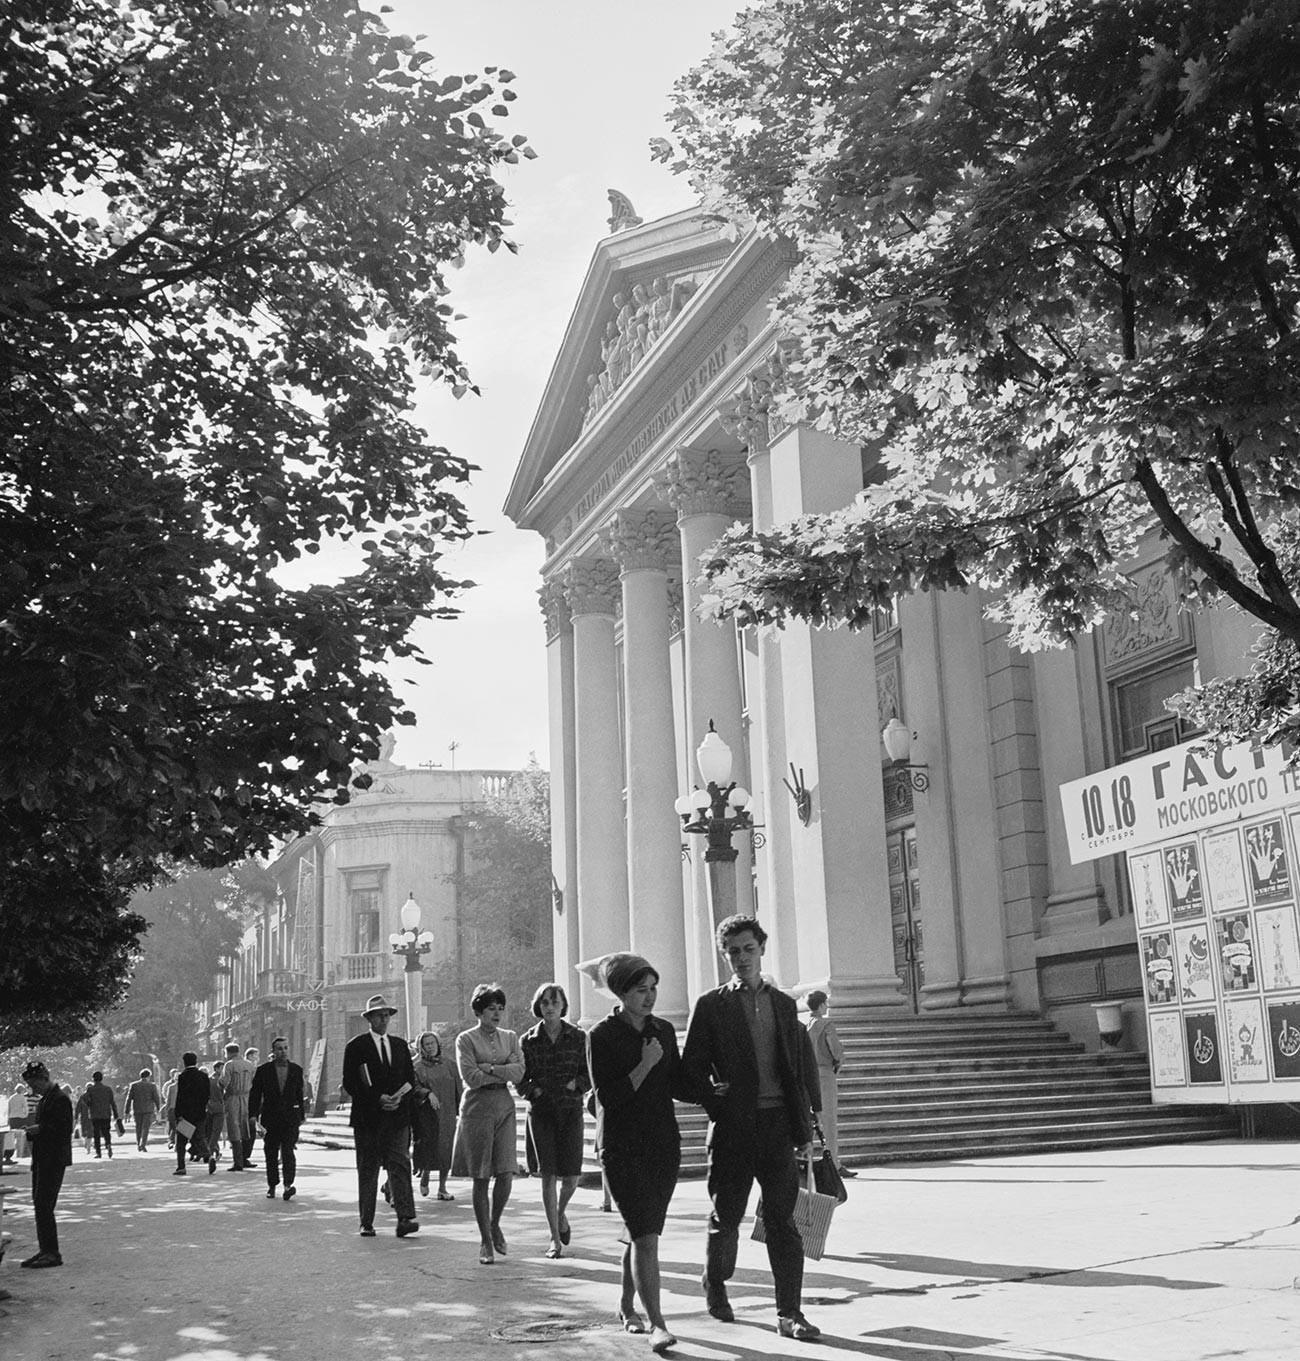 """Кишињов, зграда Молдавског државног музичко-драмског театра """"А. С. Пушкин"""" на Лењиновом проспекту током 1960-их."""